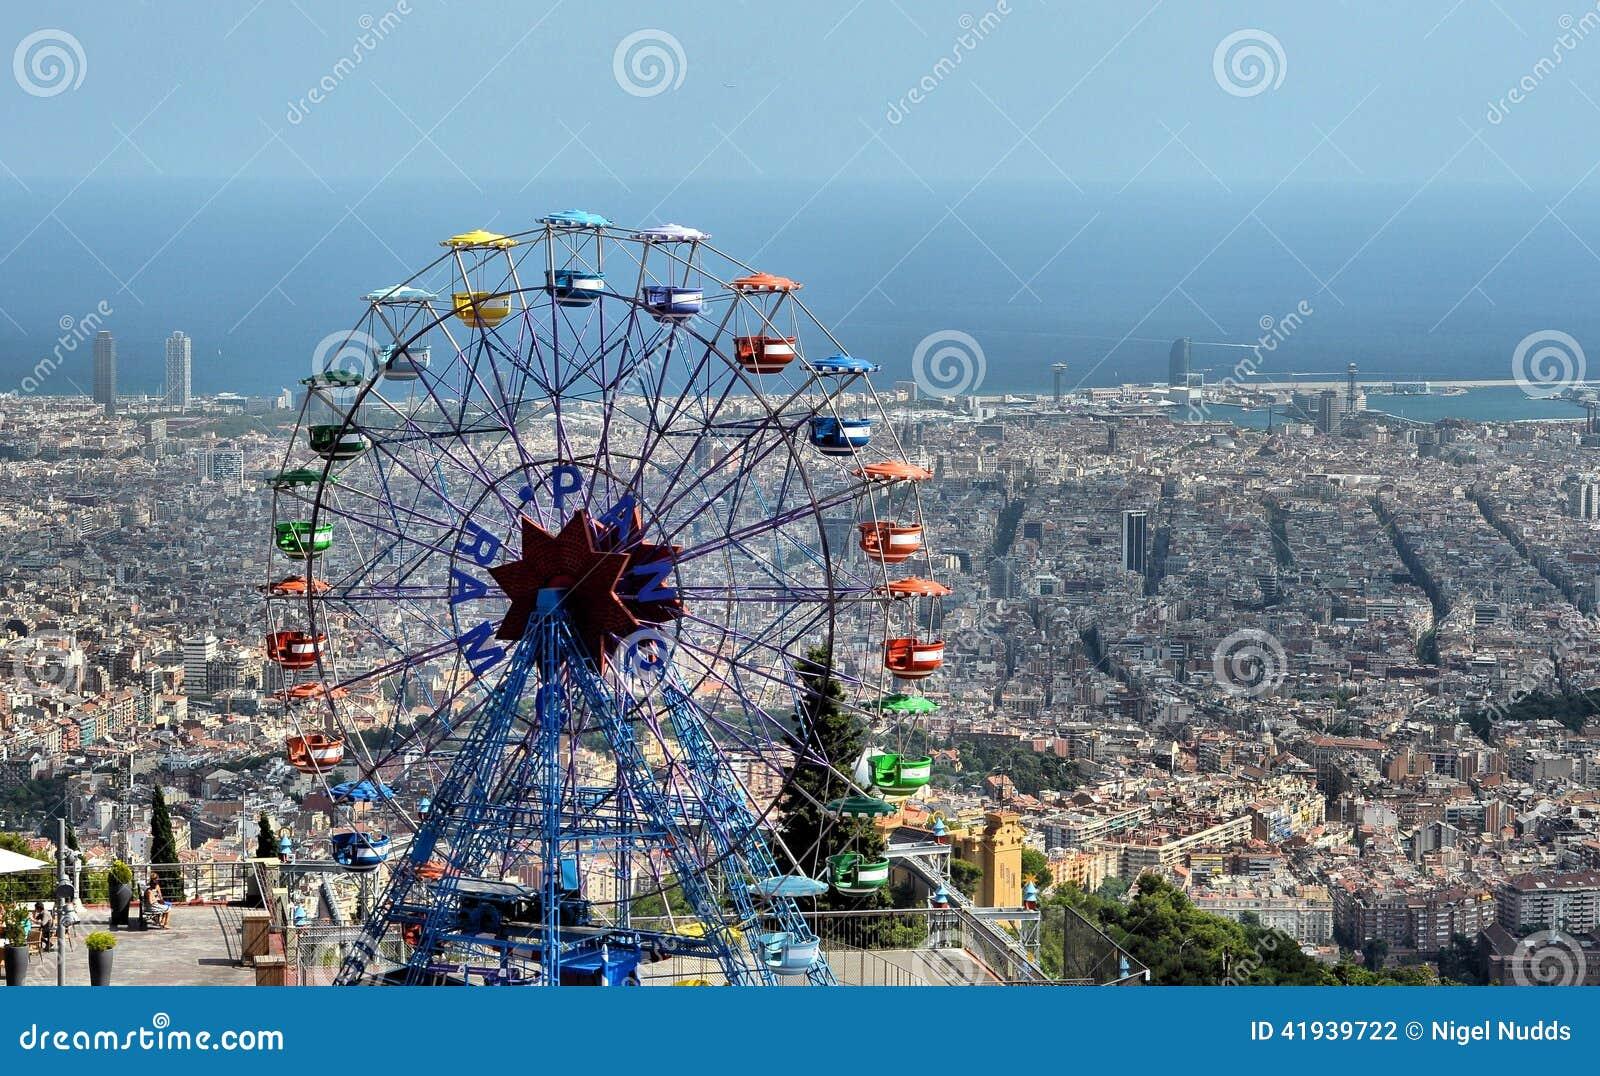 Parque de diversões de Tibidabo - Barcelona, Espanha